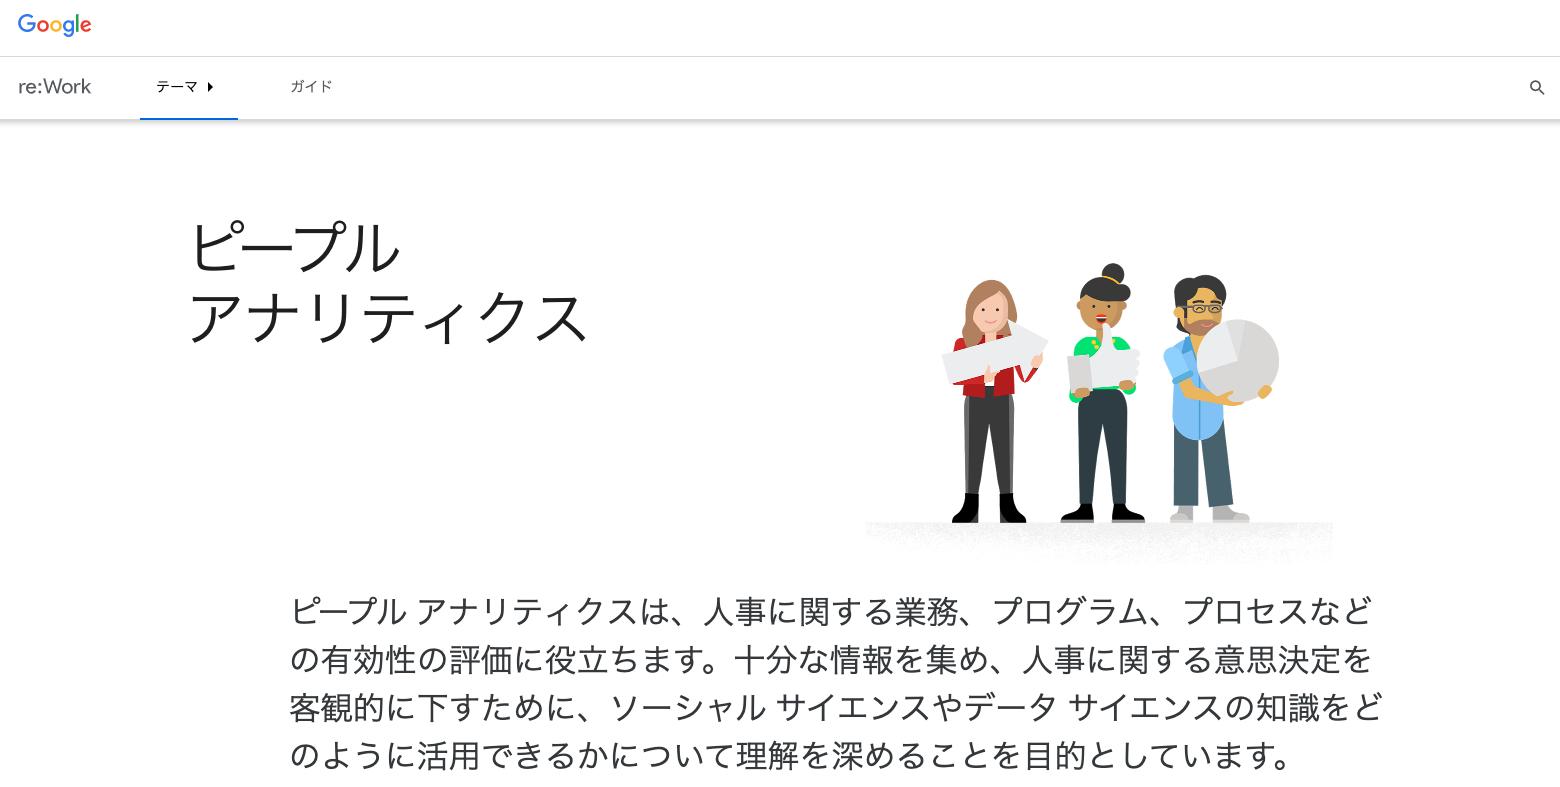 ピープルアナリティクスを勉強できるサイト_Google_re_work